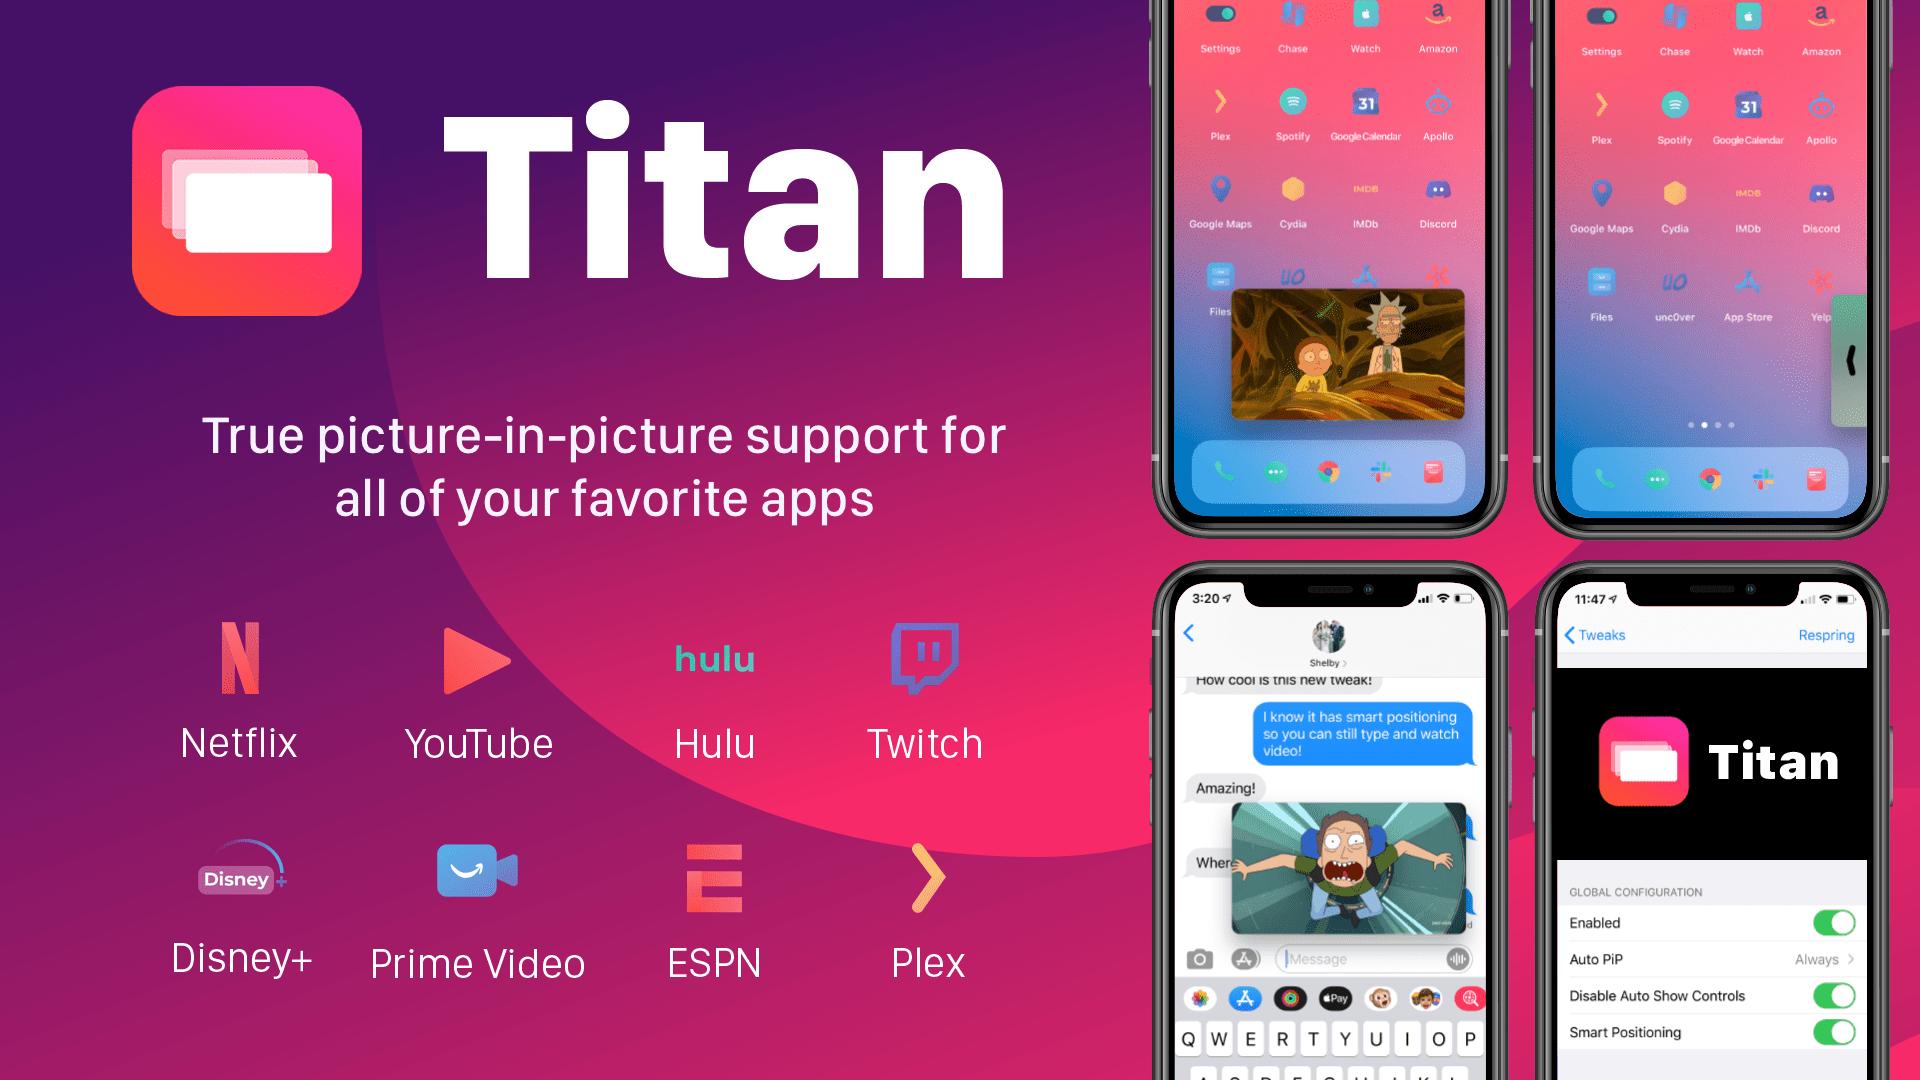 Získajte nabitý režim Picture-in-Picture podobný iPadu pre iOS s Titanom 1